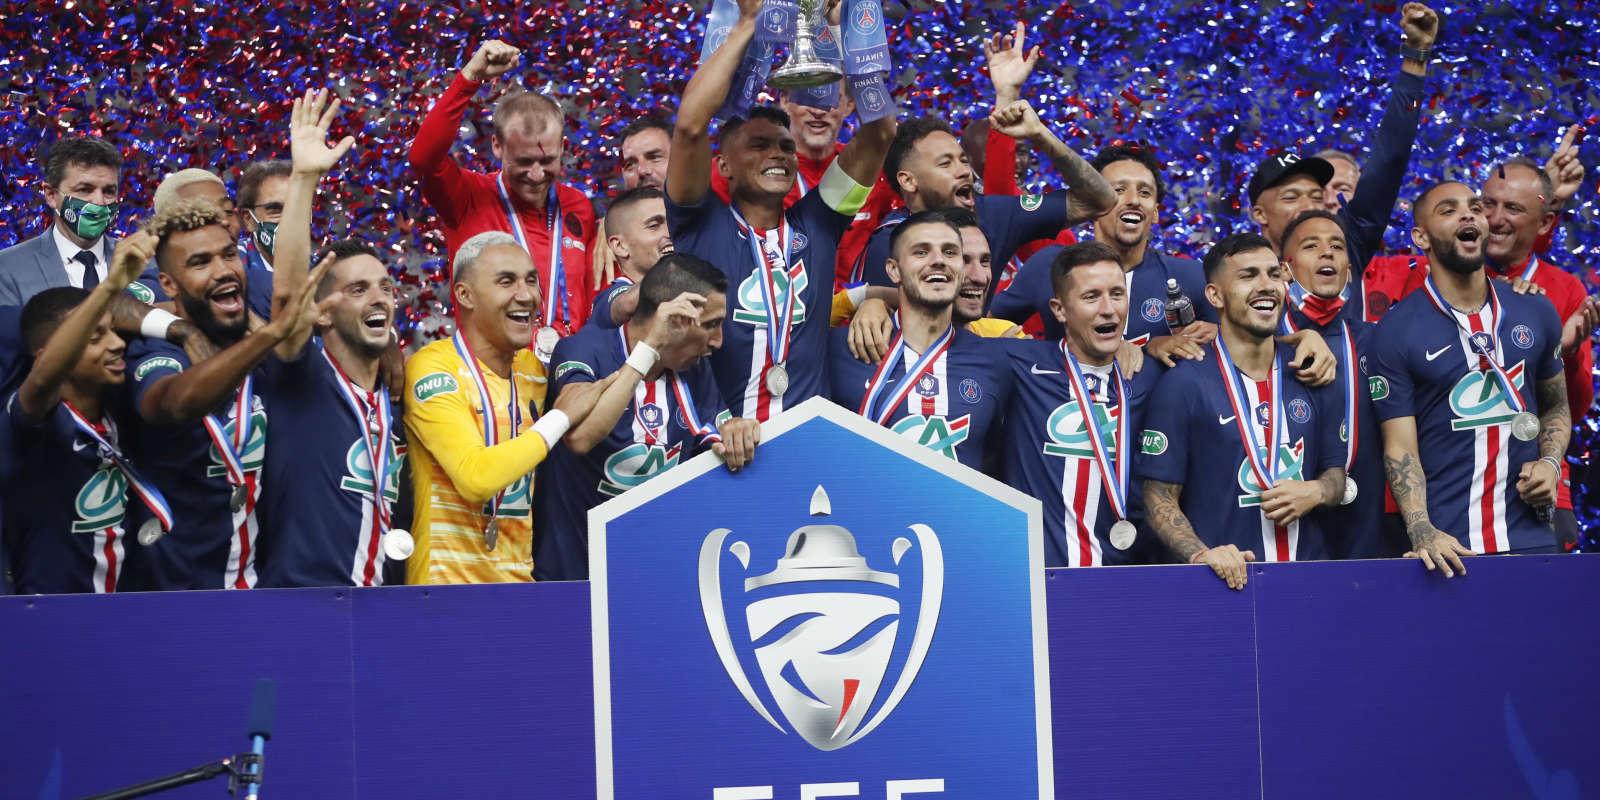 Le Paris-Saint-Germain a remporté la treizième Coupe de France de son histoire.